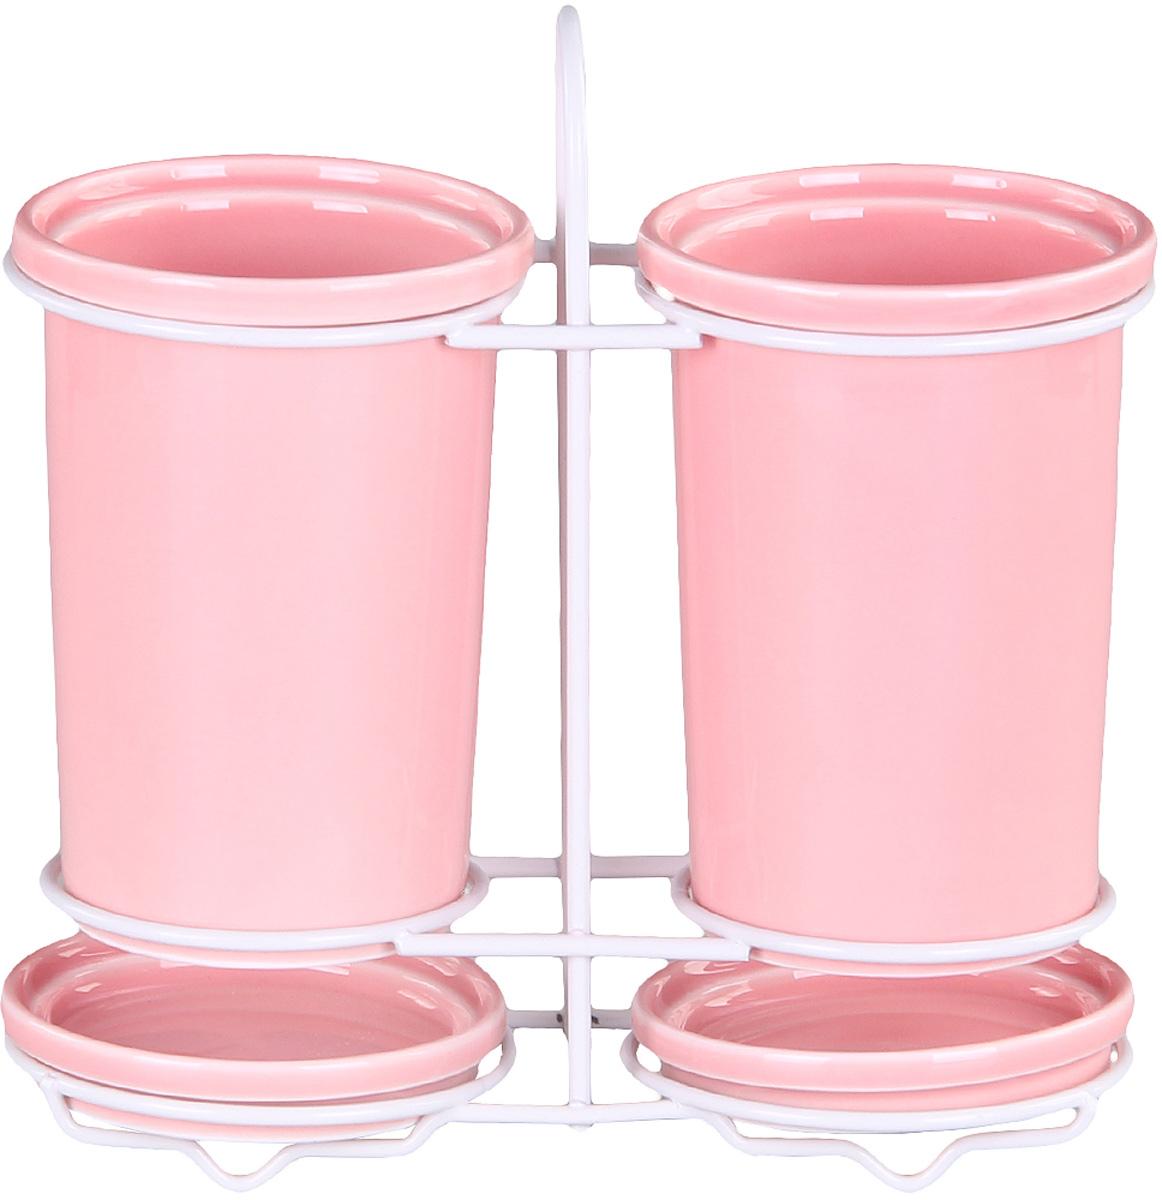 Подставка Patricia для столовых приборов. IM99-523121395599Подставка для столовых приборов и поддон выполнены из керамики, а специальный держатель из хромированной стали. Применение в производстве специальных эмалей позволяет керамике, используемой в этом изделии, соперничать по своим эстетическим свойствам с фарфором. Поддон для сбора воды легко мыть благодаря удобной конструкции держателя.